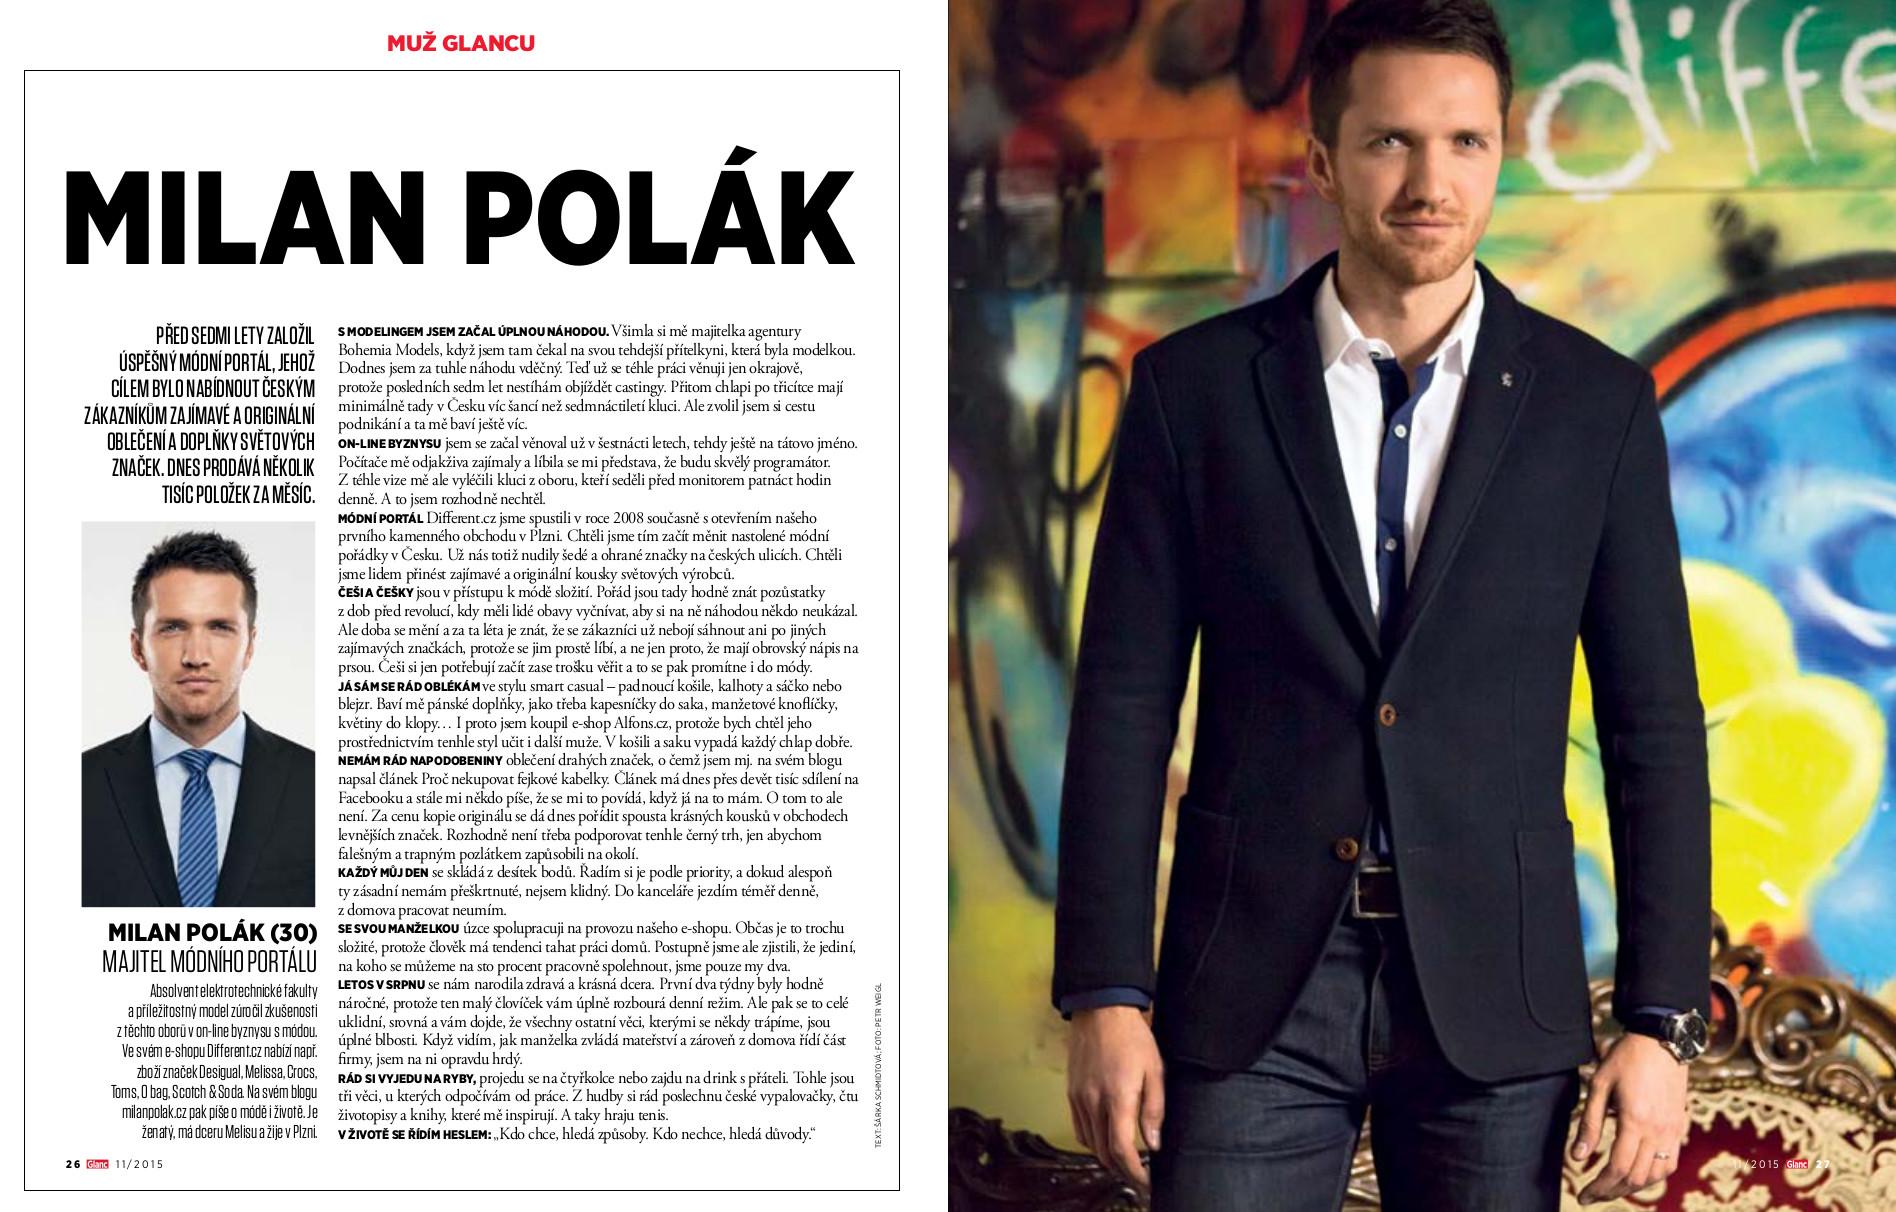 Muž Glancu pro měsíc listopad 2015 - Milan Polák